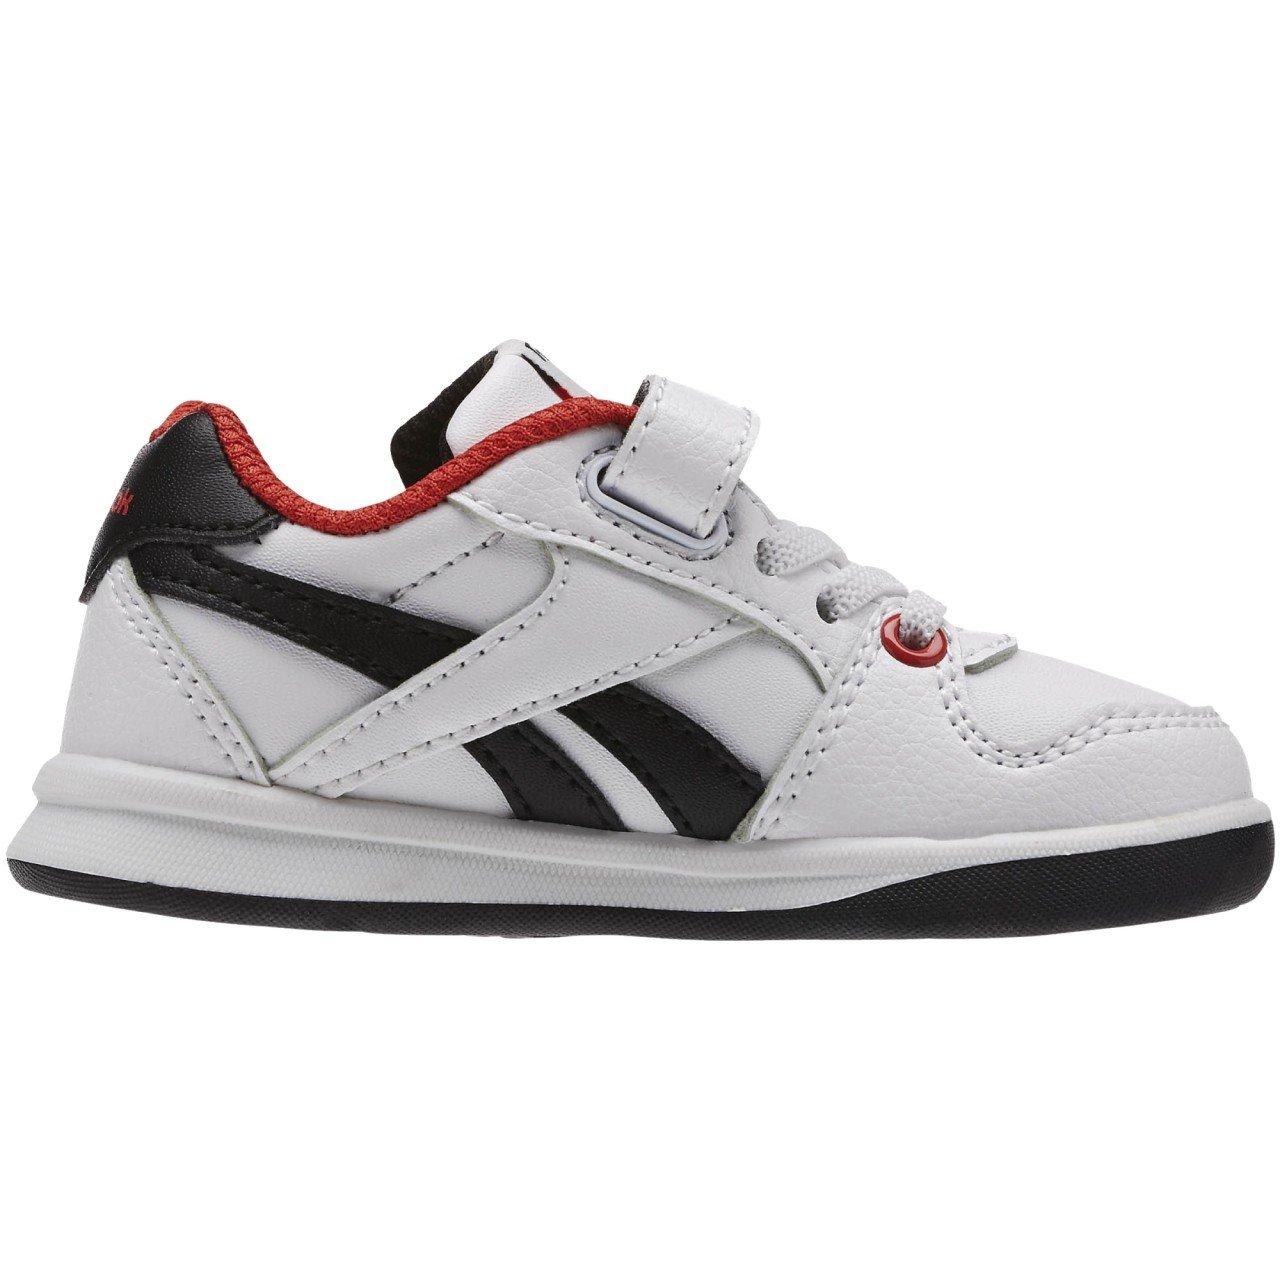 Reebok Étape N « Éclair Ii, Chaussures Bébé Unisexe Premières Étapes, Blanc / Rouge / Noir (rouge / Noir Blanc / Moteur), 22 Eu